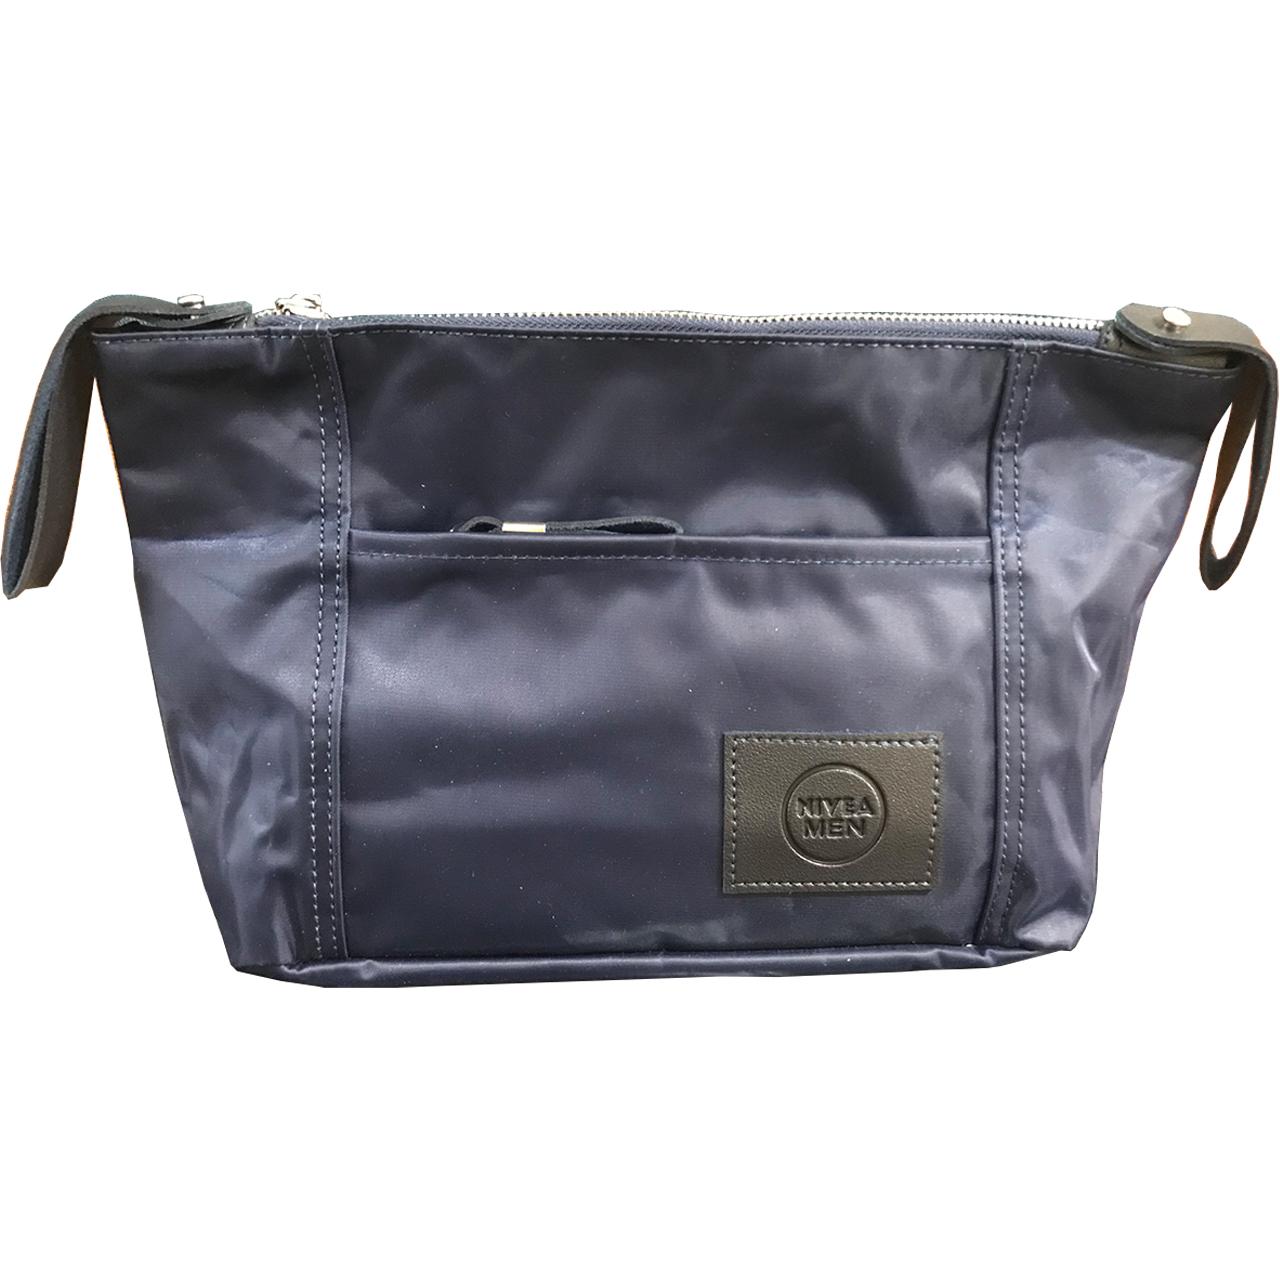 قیمت کیف لوازم آرایشی نیوآ مدل Nivea Men